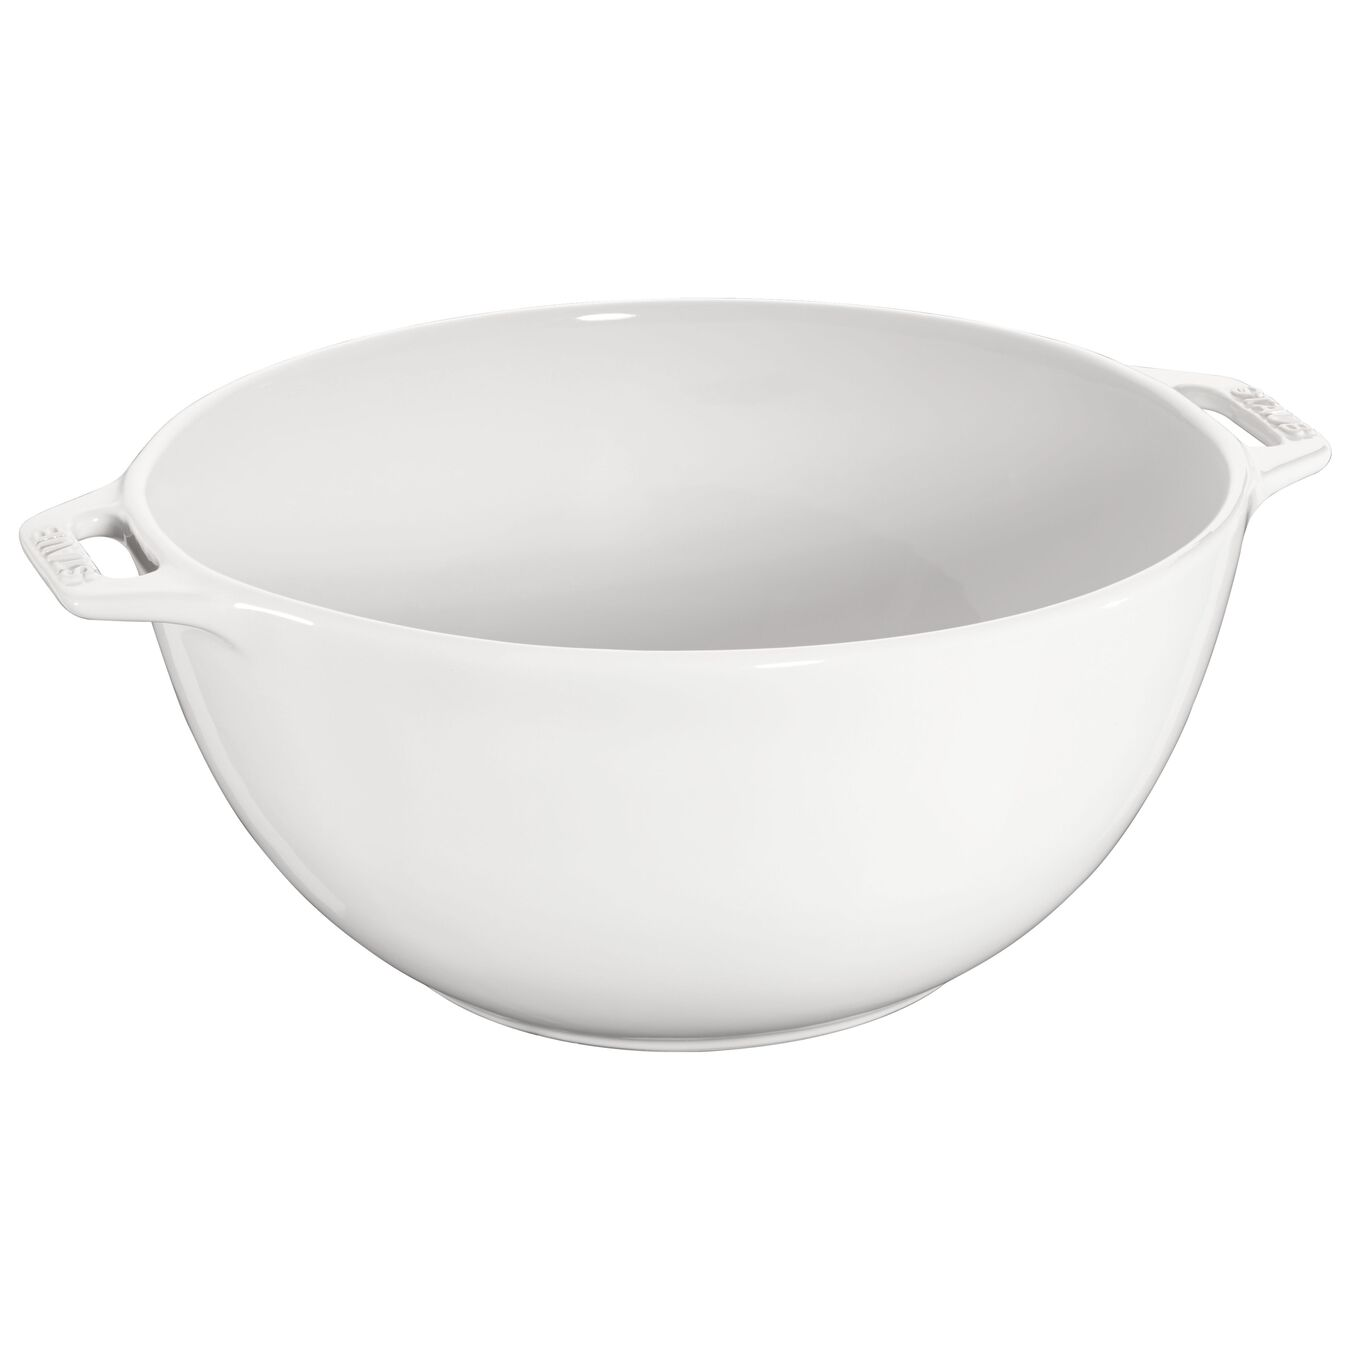 25 cm Ceramic round Bowl, pure-white,,large 1